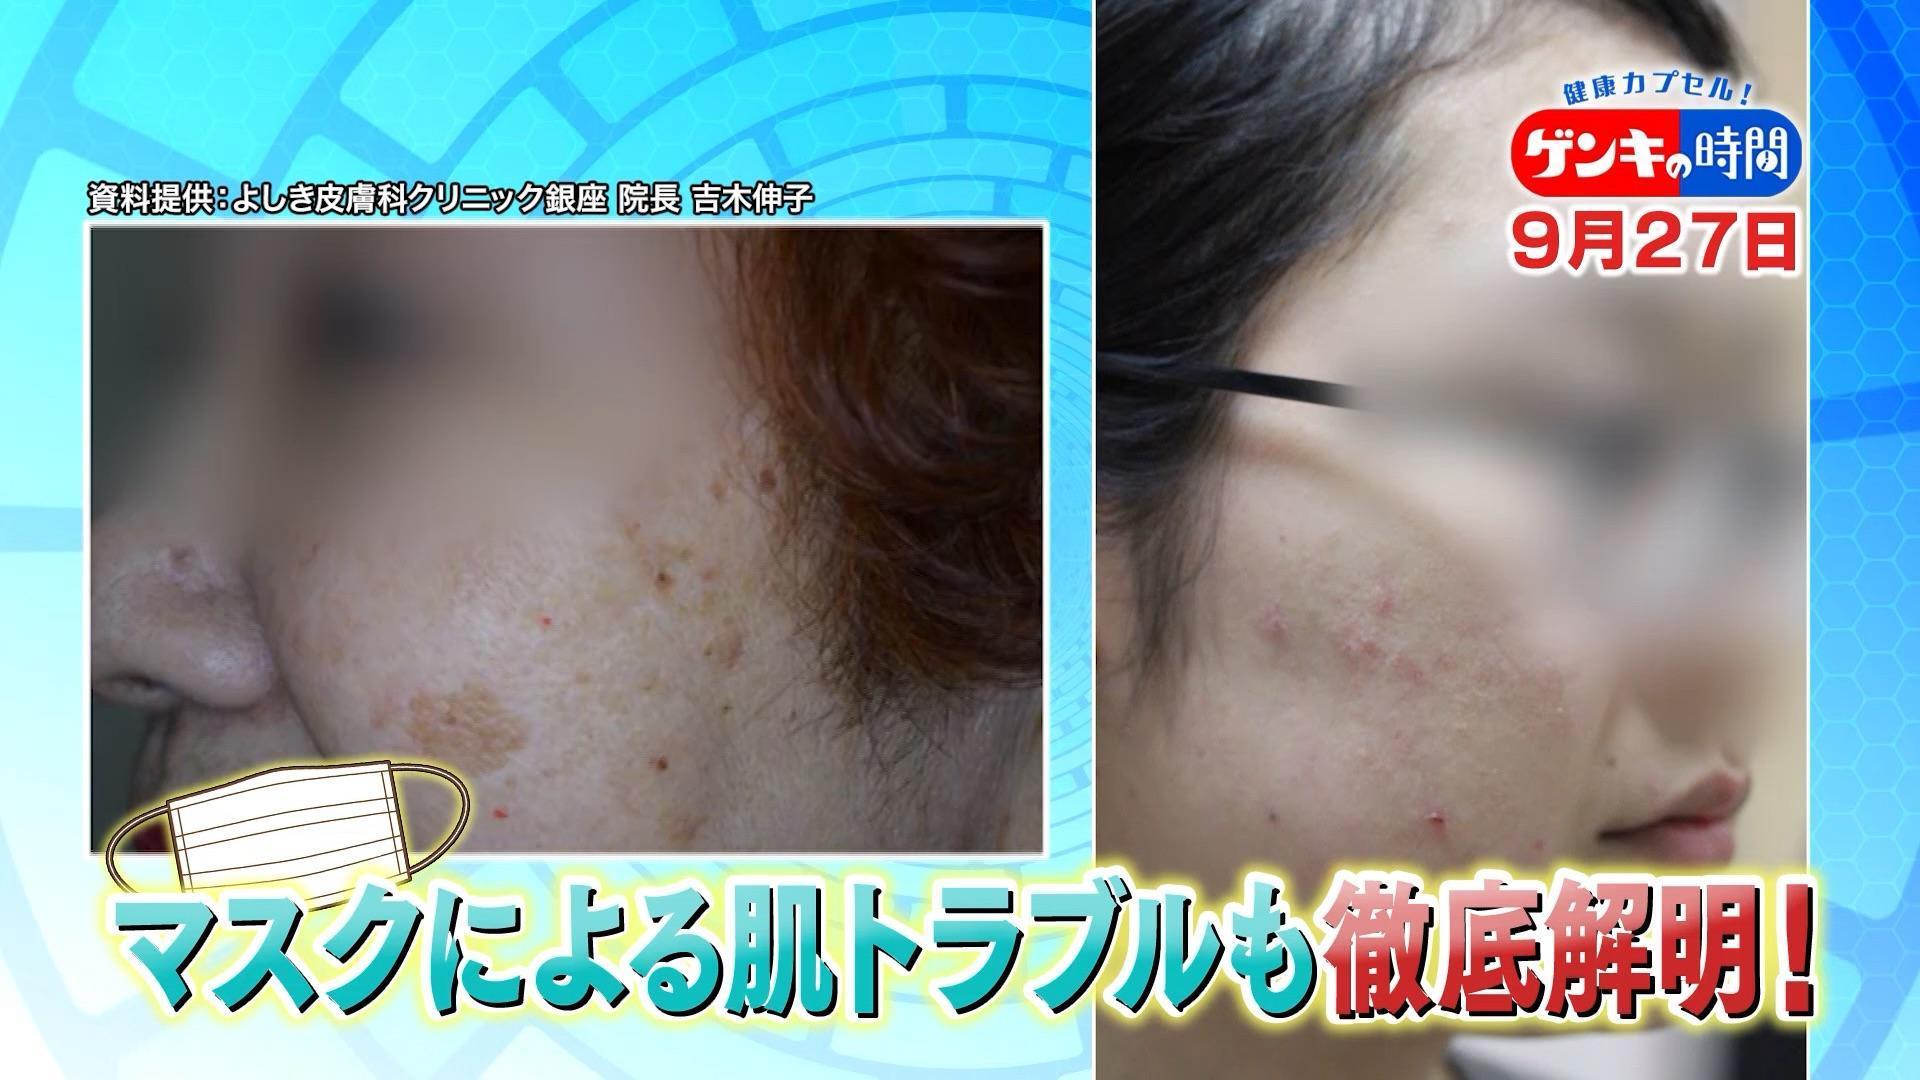 科 よしき クリニック 皮膚